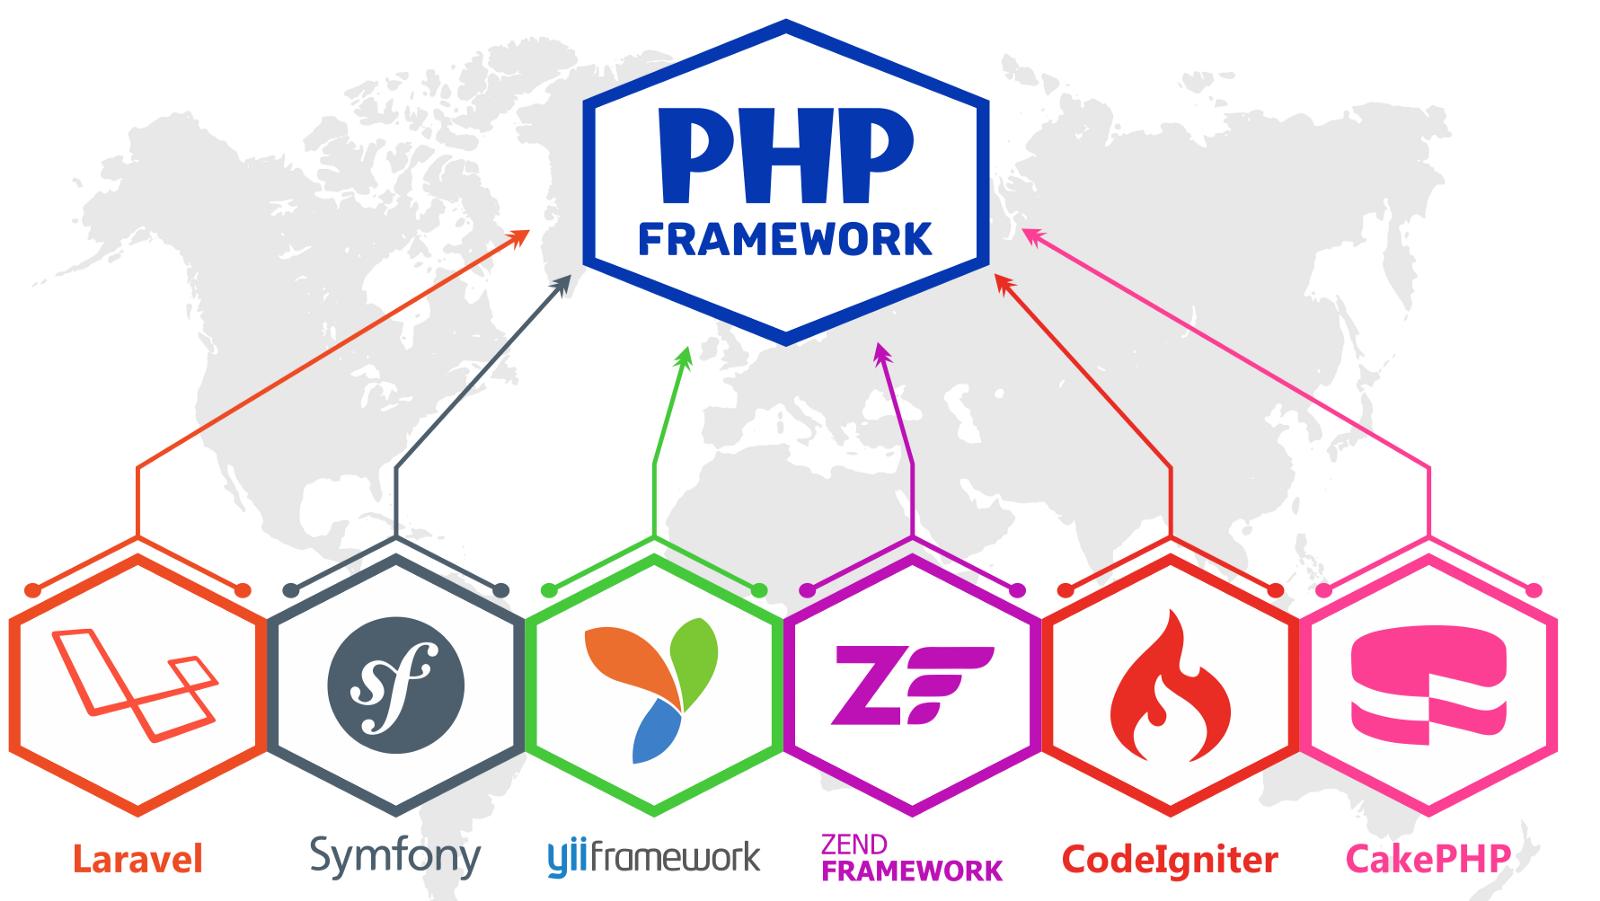 فریمورک های PHP (لیست بهترین ها در سال ۲۰۱۹)